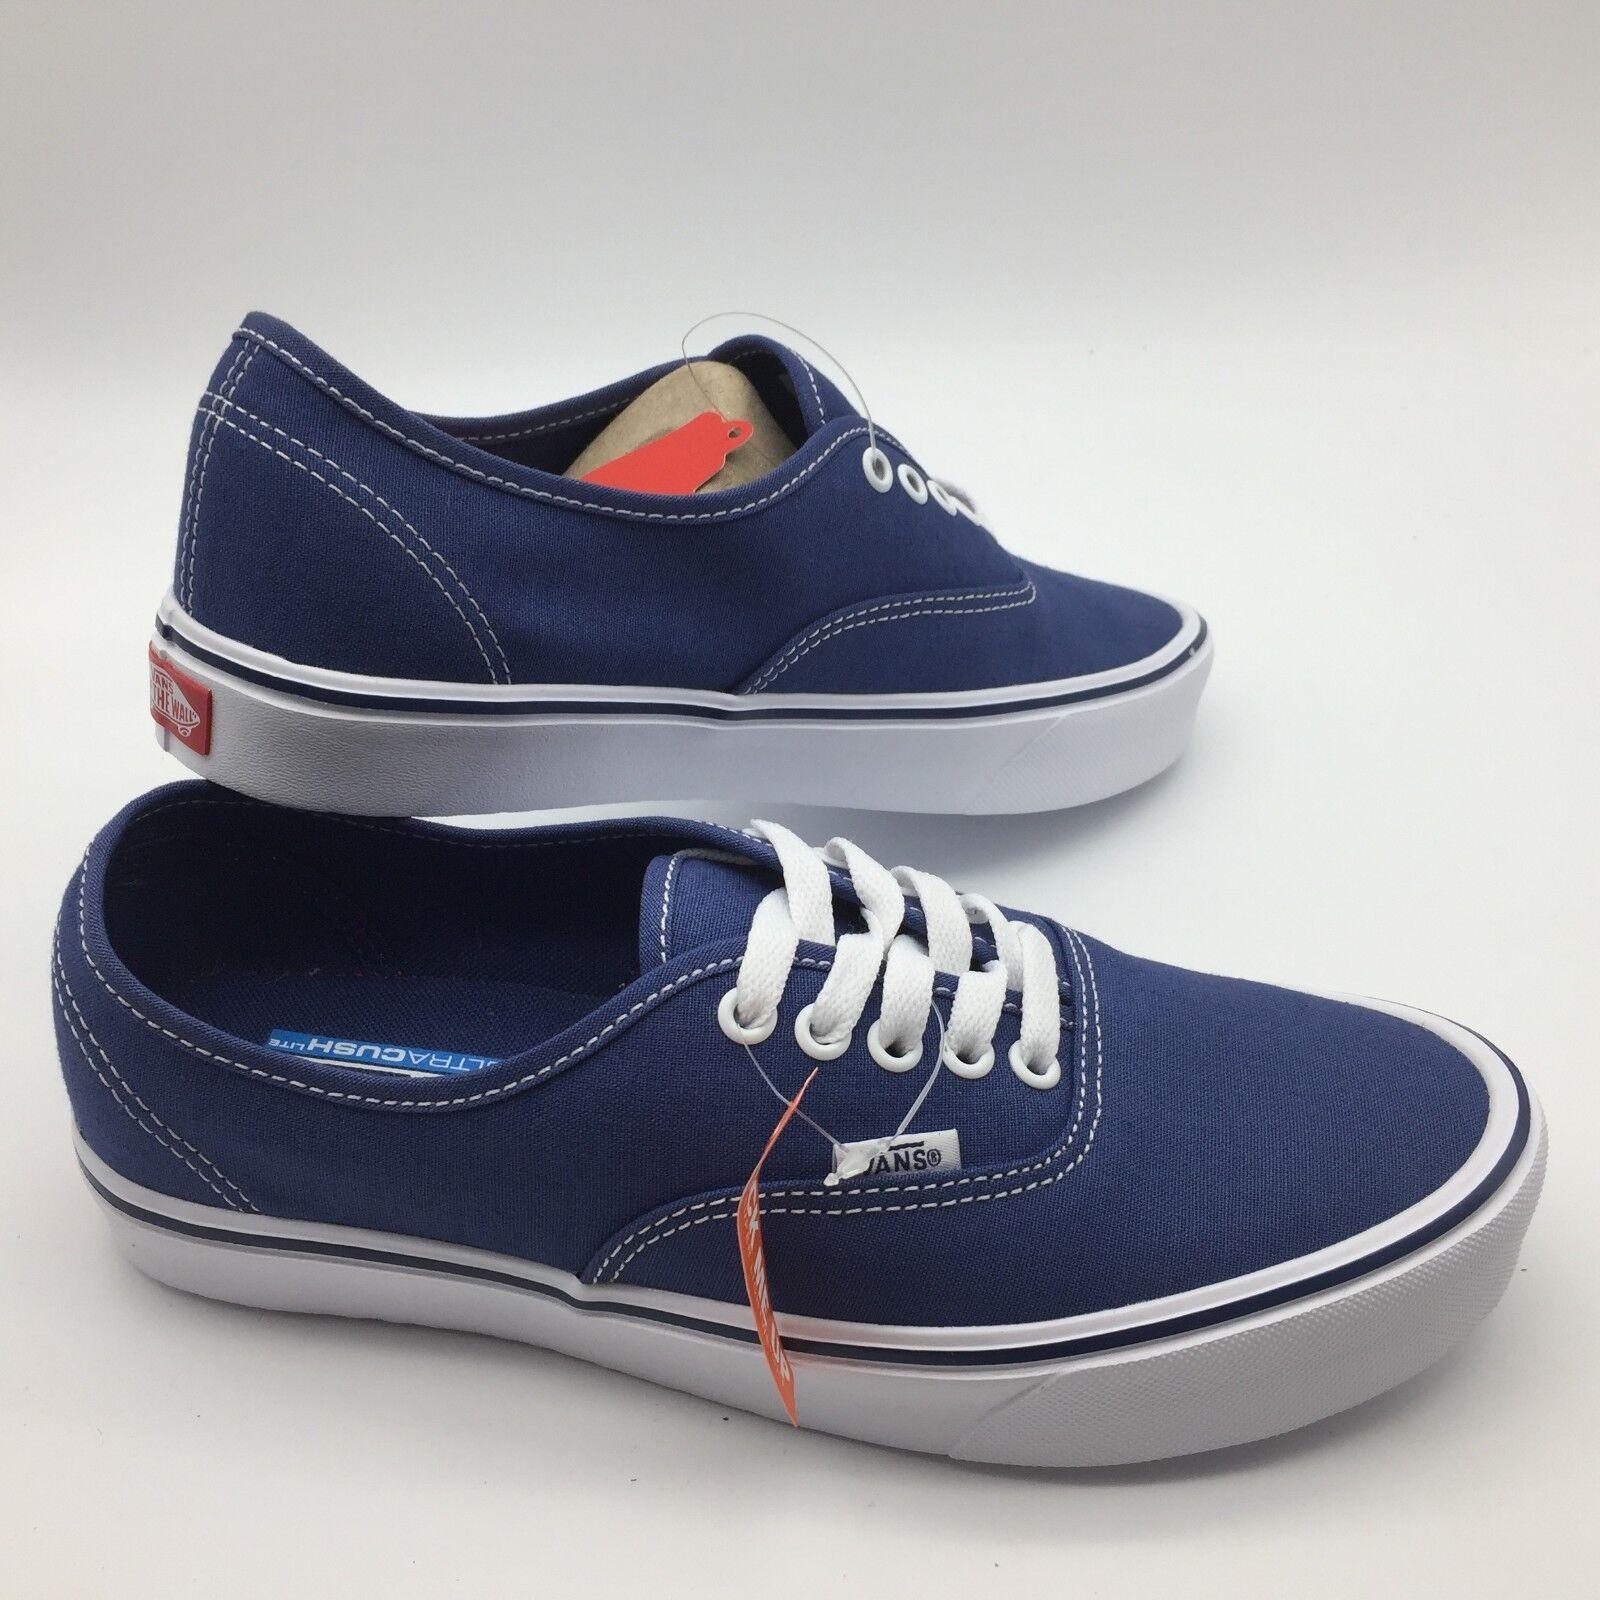 Vans Men's shoes  Authentic Lite Canvas  Stv Navy